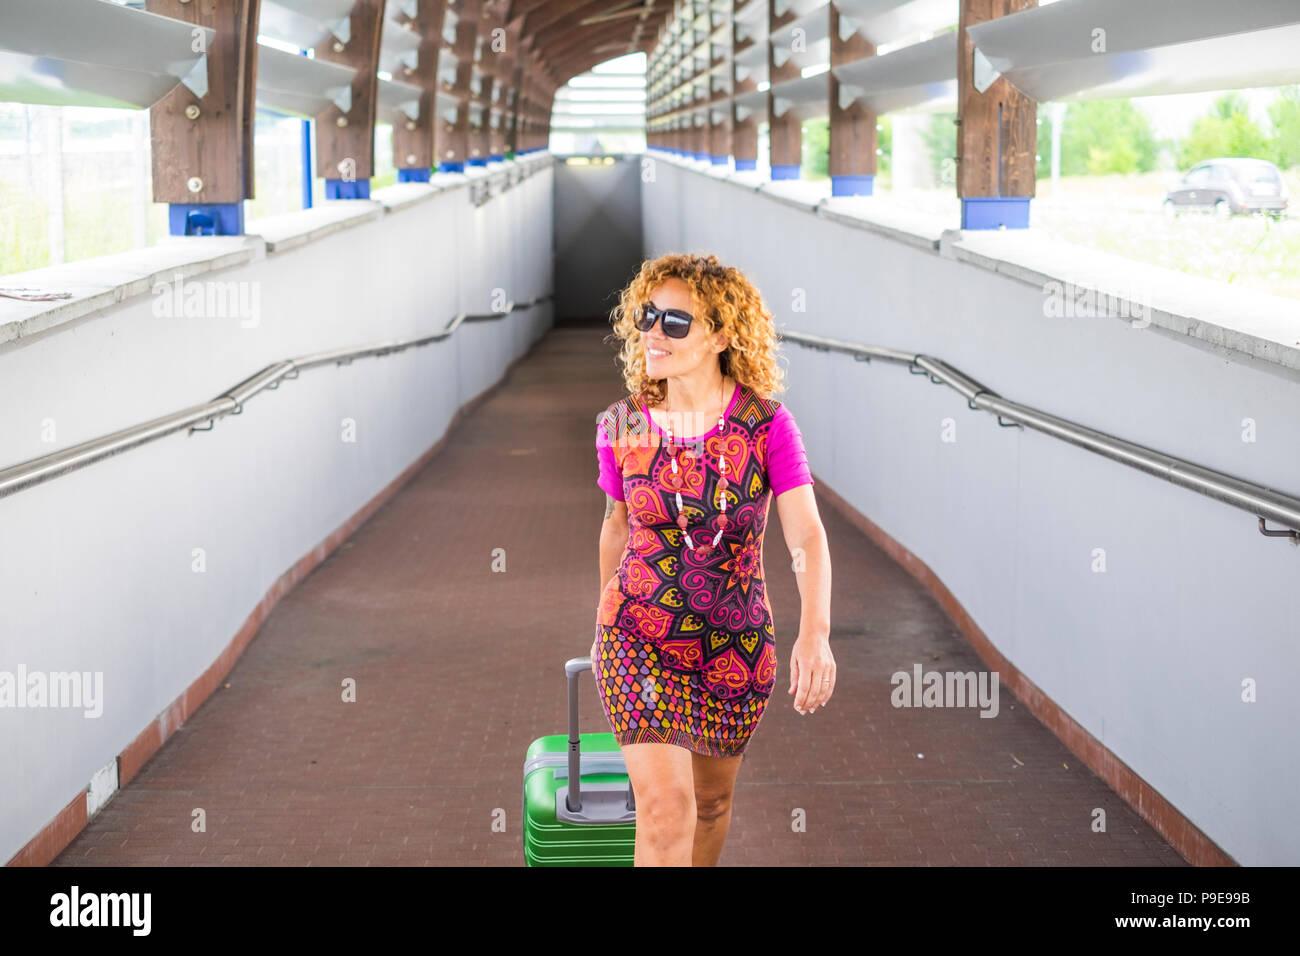 Bella donna viaggiatore a piedi al di fuori della stazione ferroviaria per arrivare a destinazione. wanderlust per viaggiatori indipendenti femmina caucasica sorridente e loo Immagini Stock